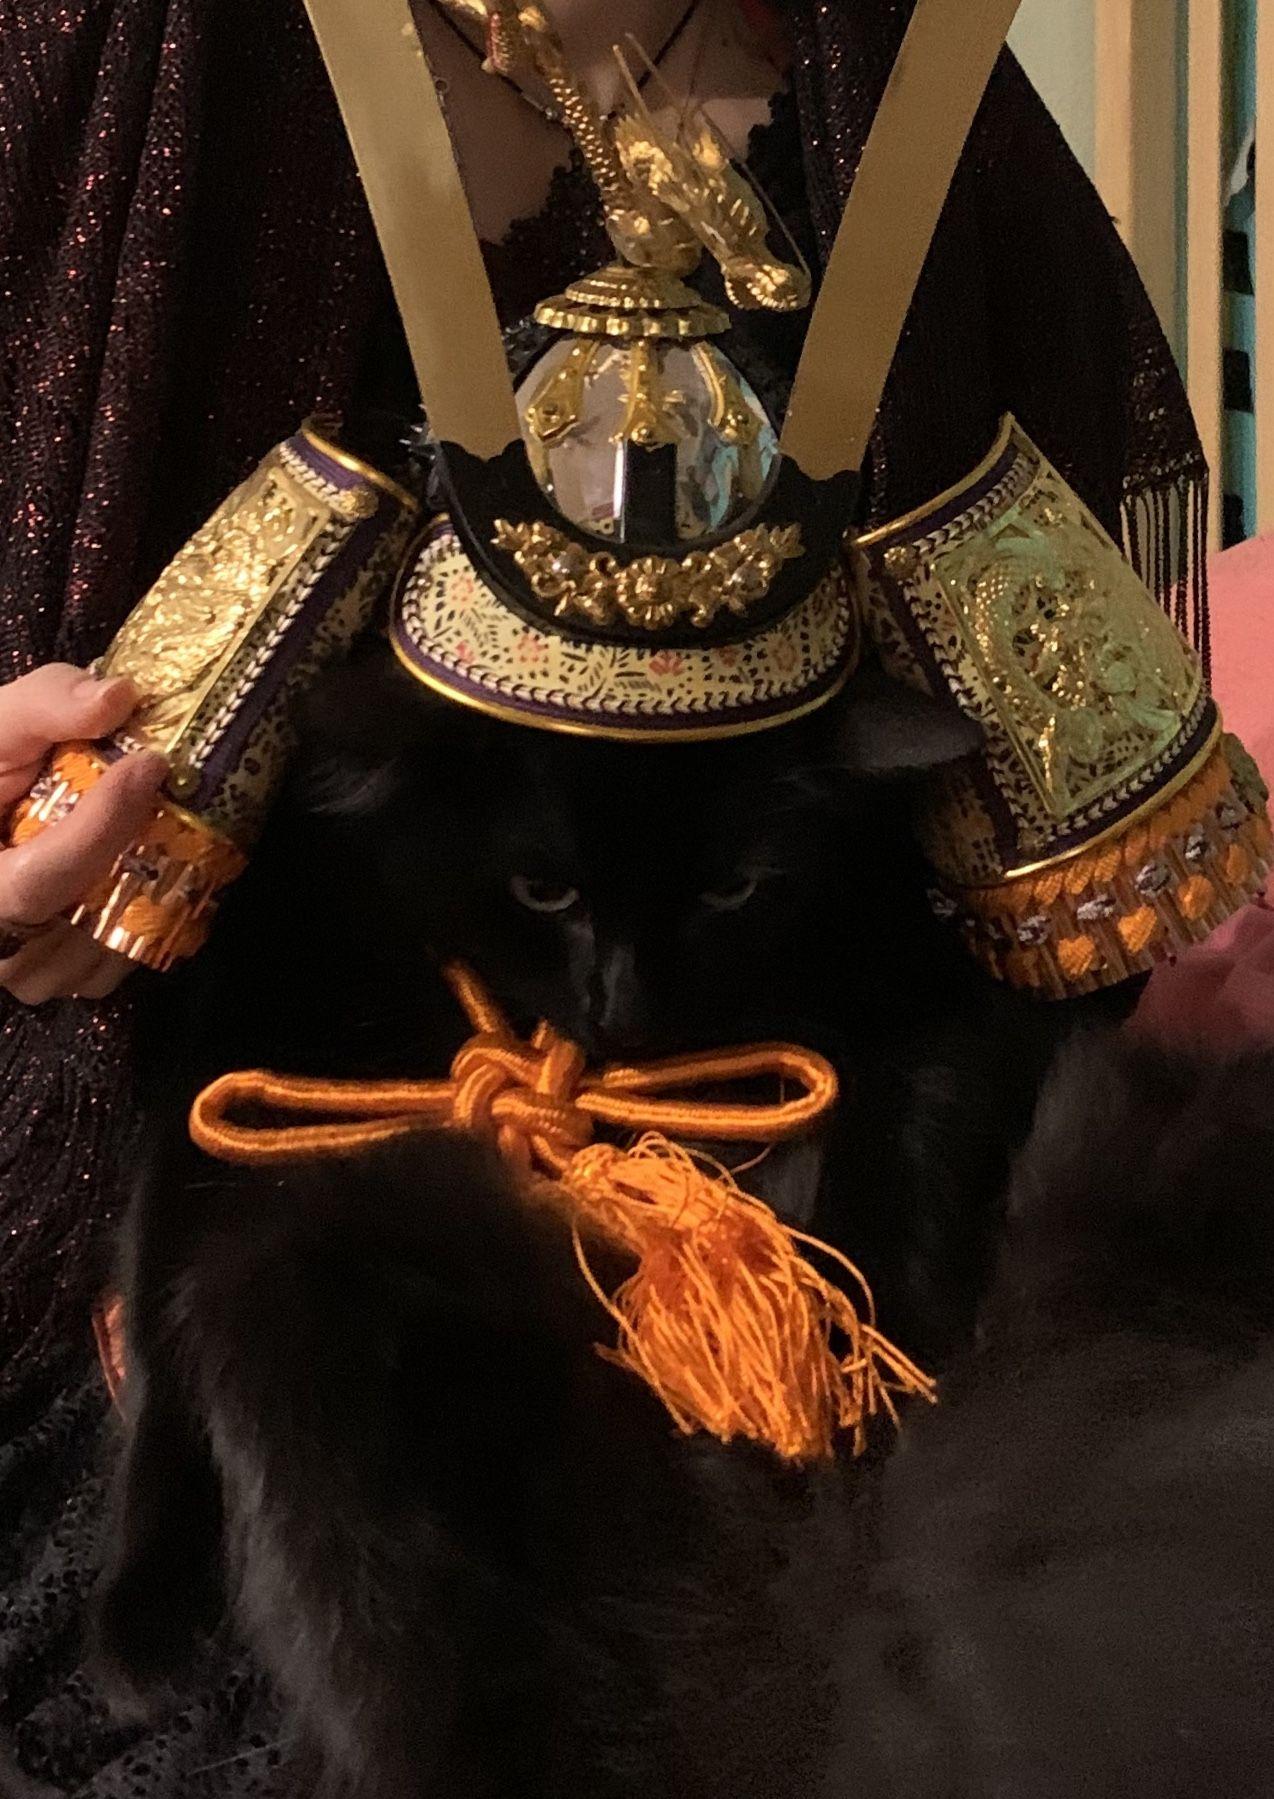 Ciarán the Warrior Kitty